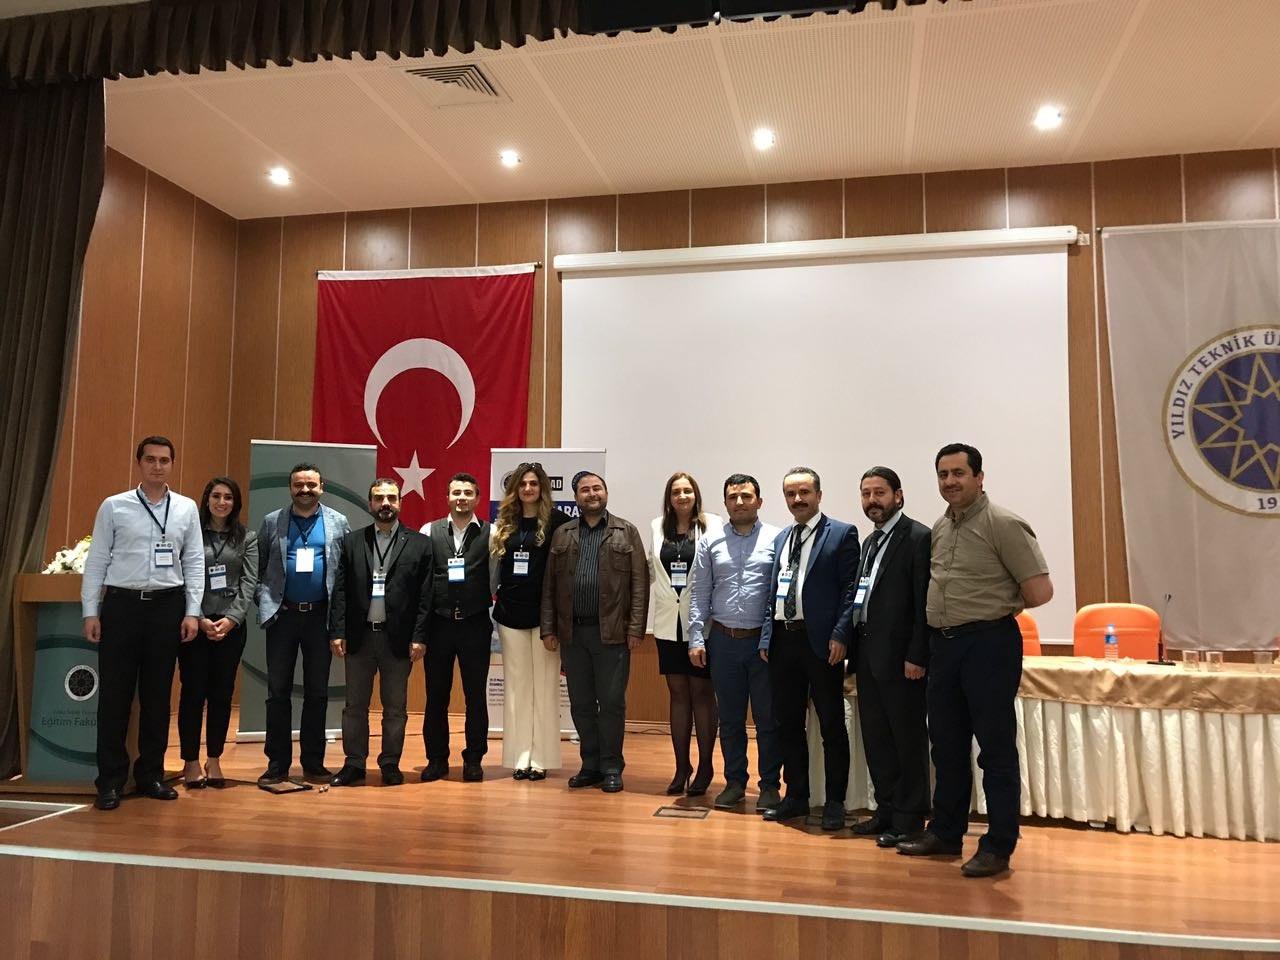 Uluslararası Öğretmen Eğitimi ve Akreditasyon Kongresi (ITEAC 2017)